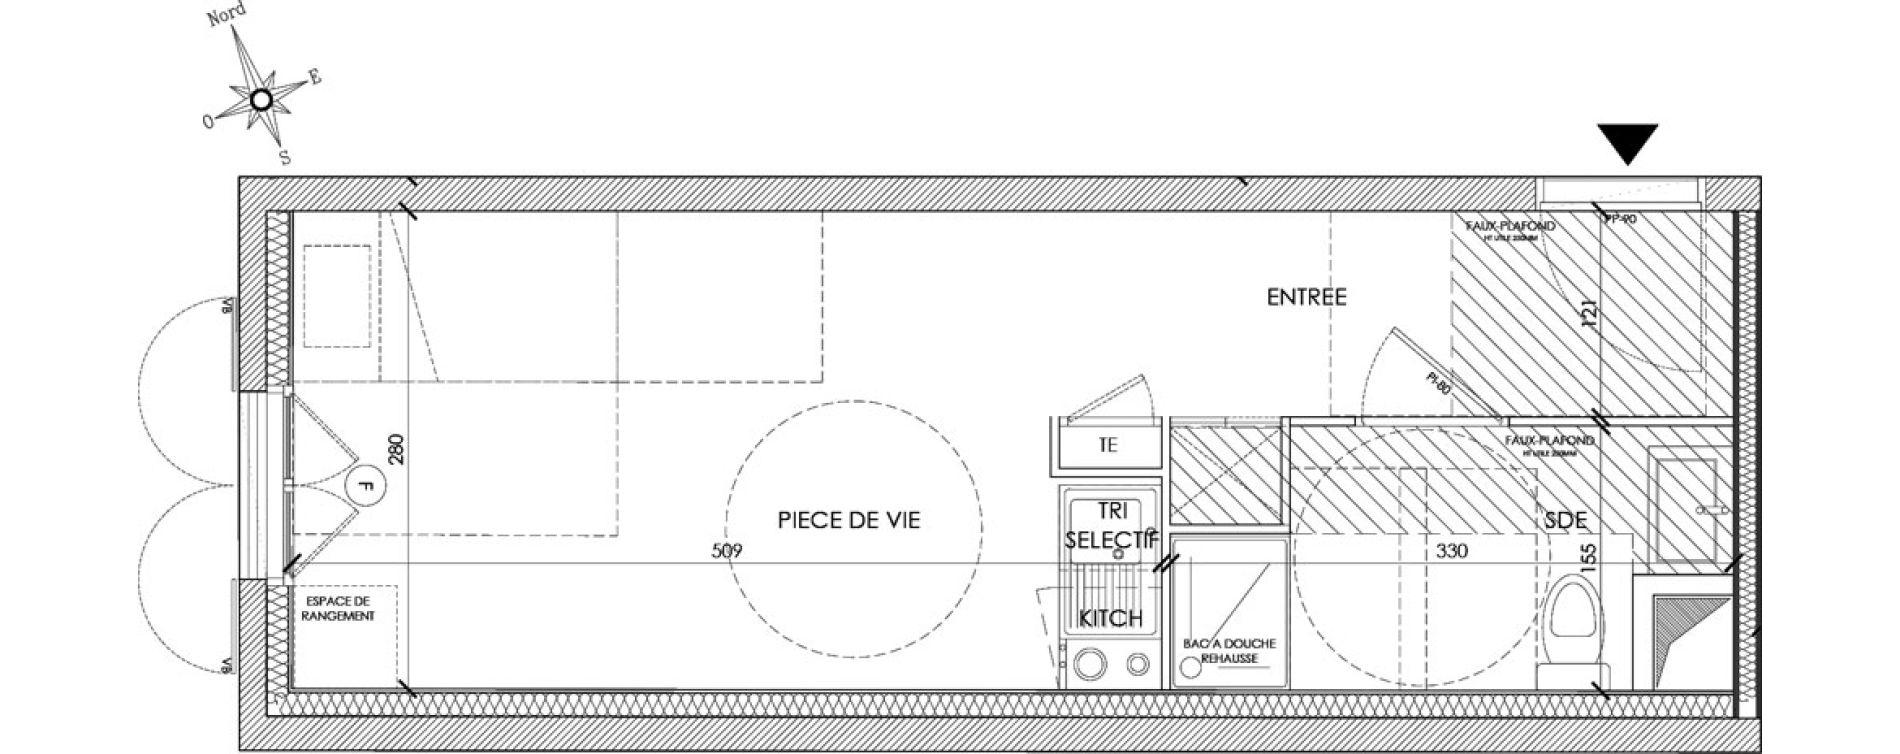 Appartement T1 meublé de 22,73 m2 à Pontoise Centre